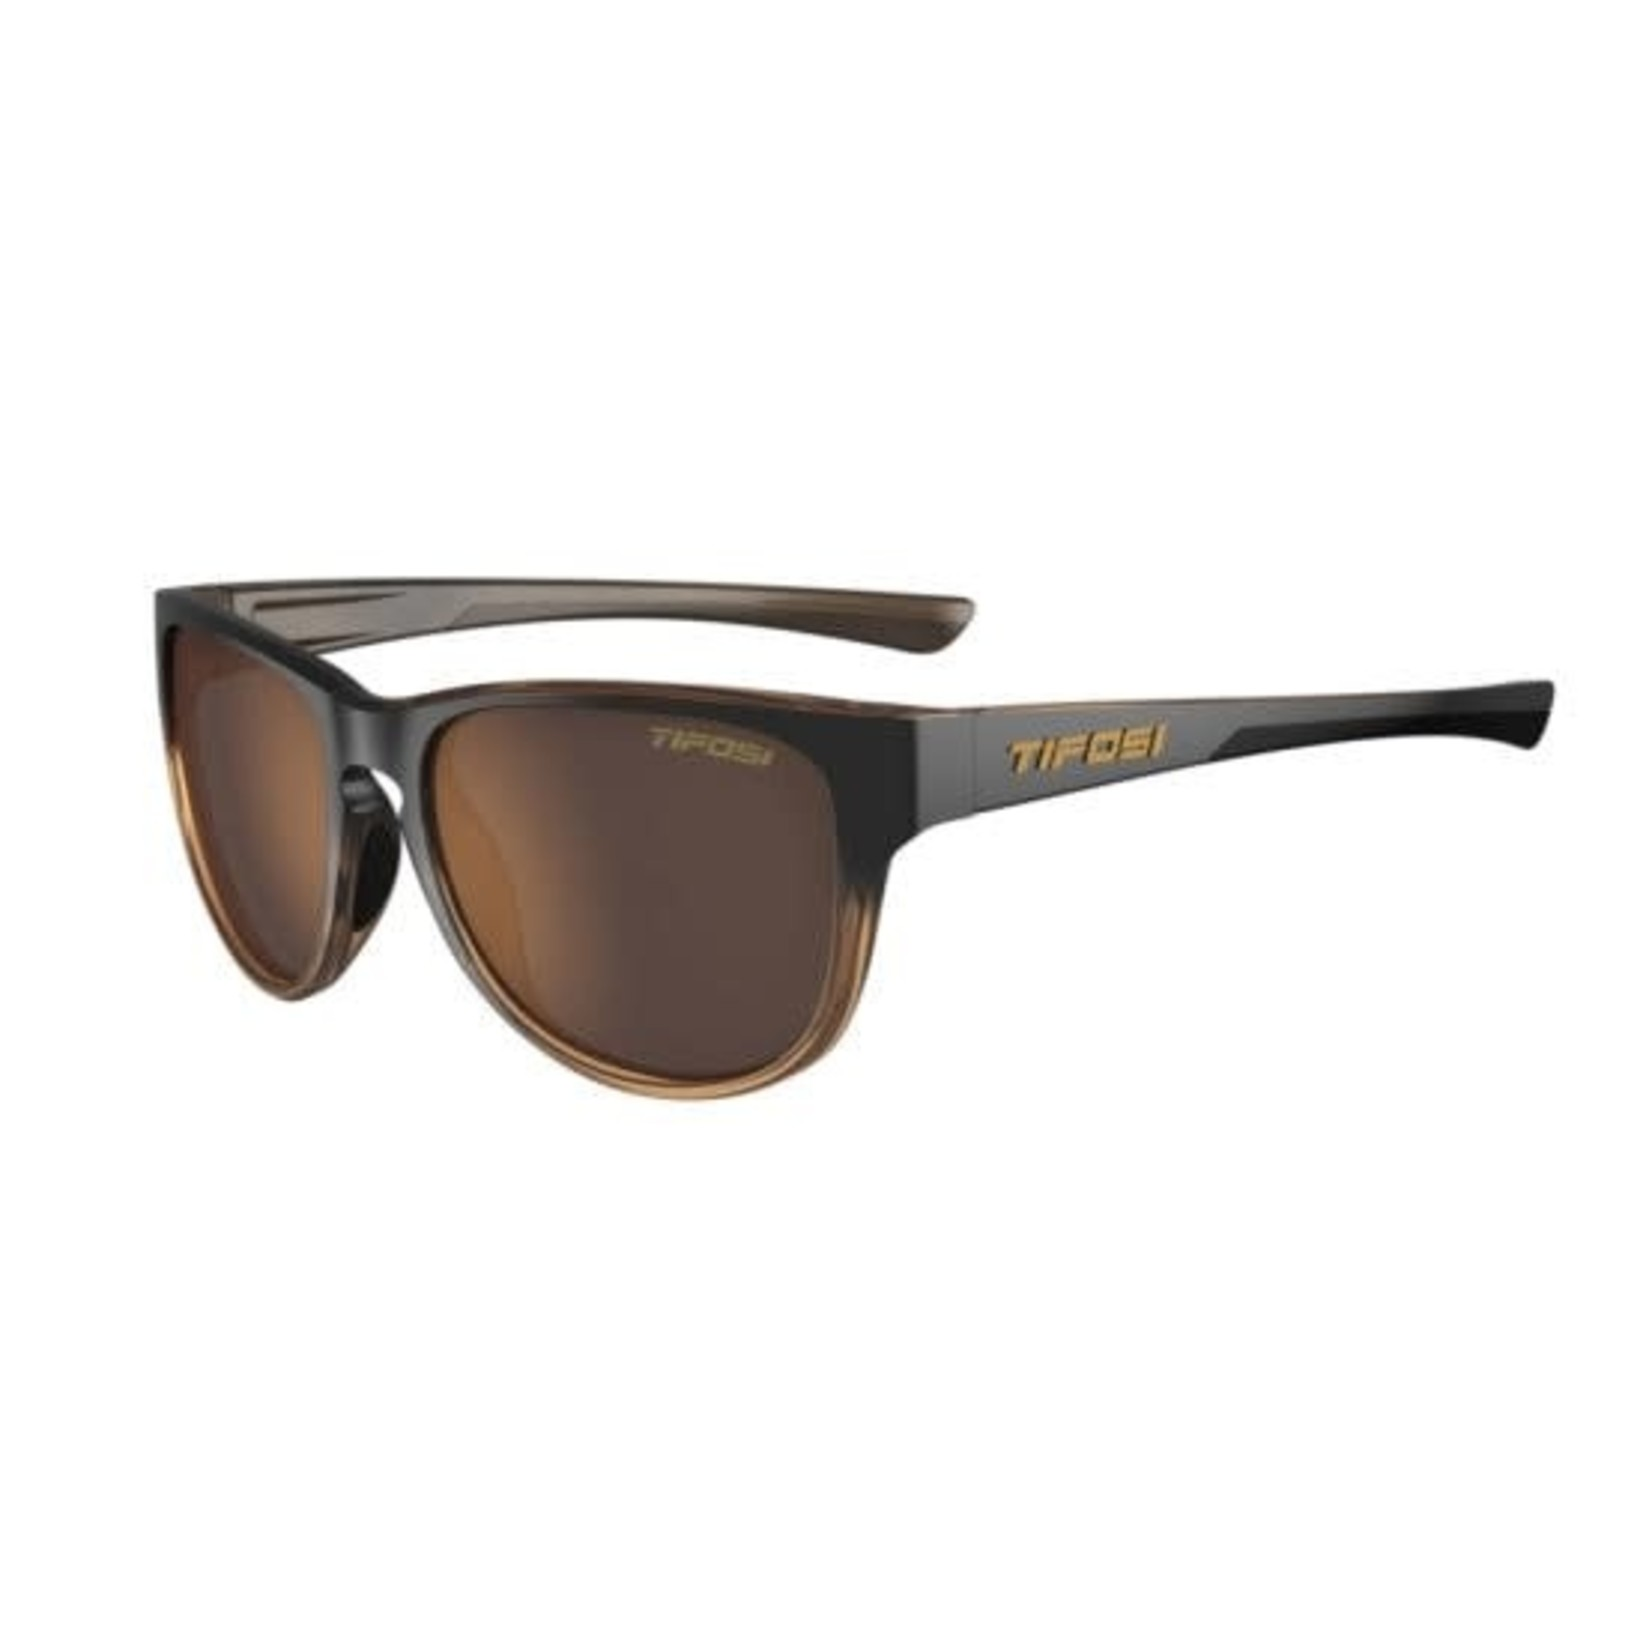 Tifosi Optics Smoove, Mocha Fade Single Lens Sunglasses